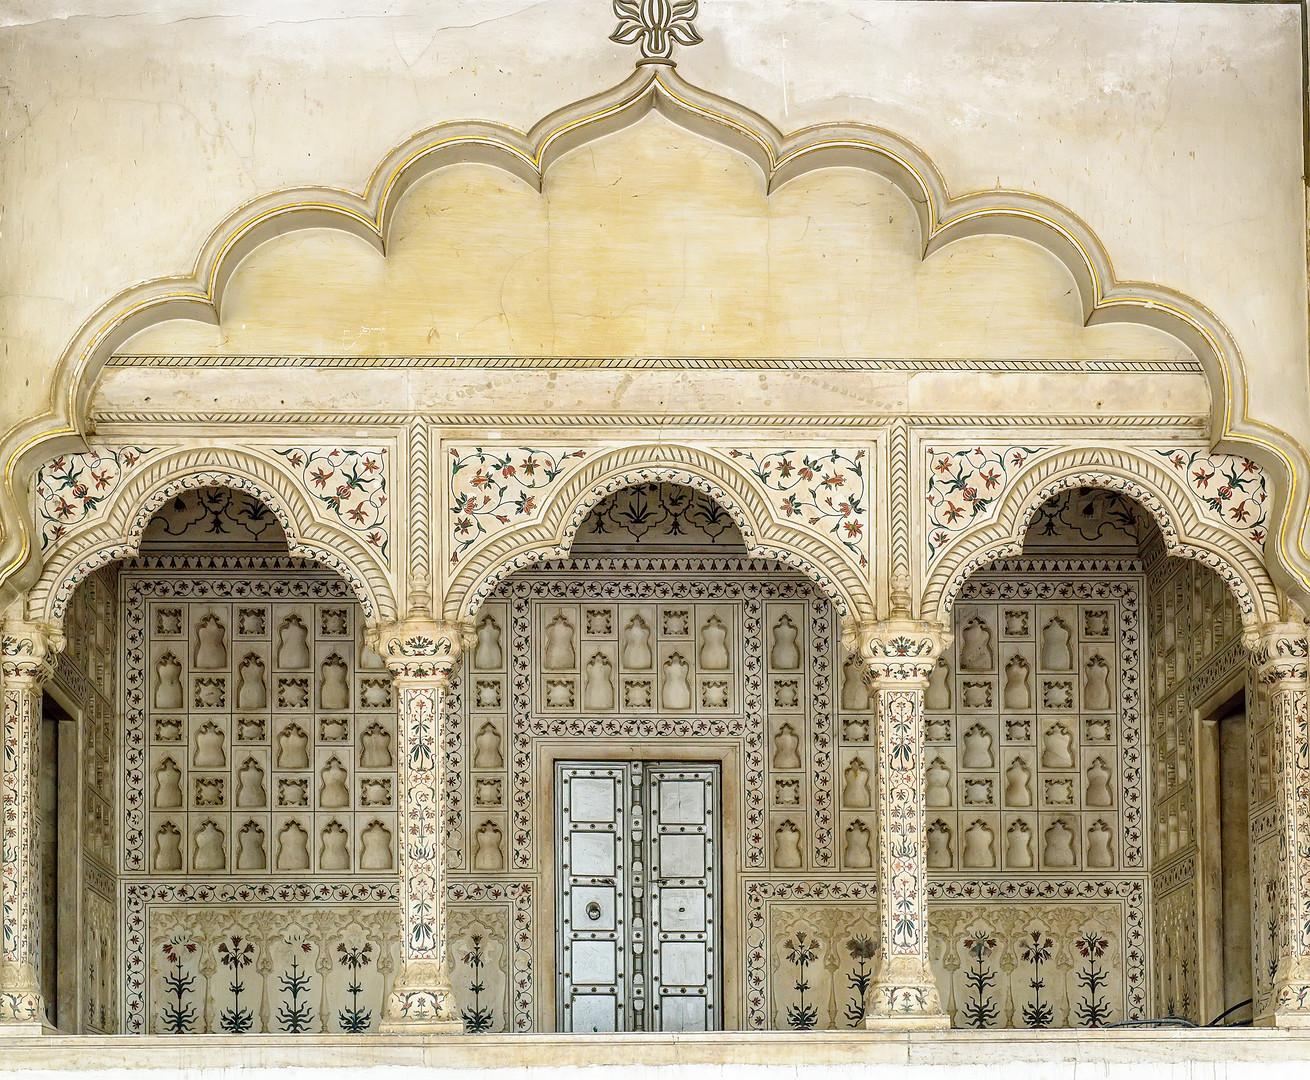 Agra Fort 1.jpg